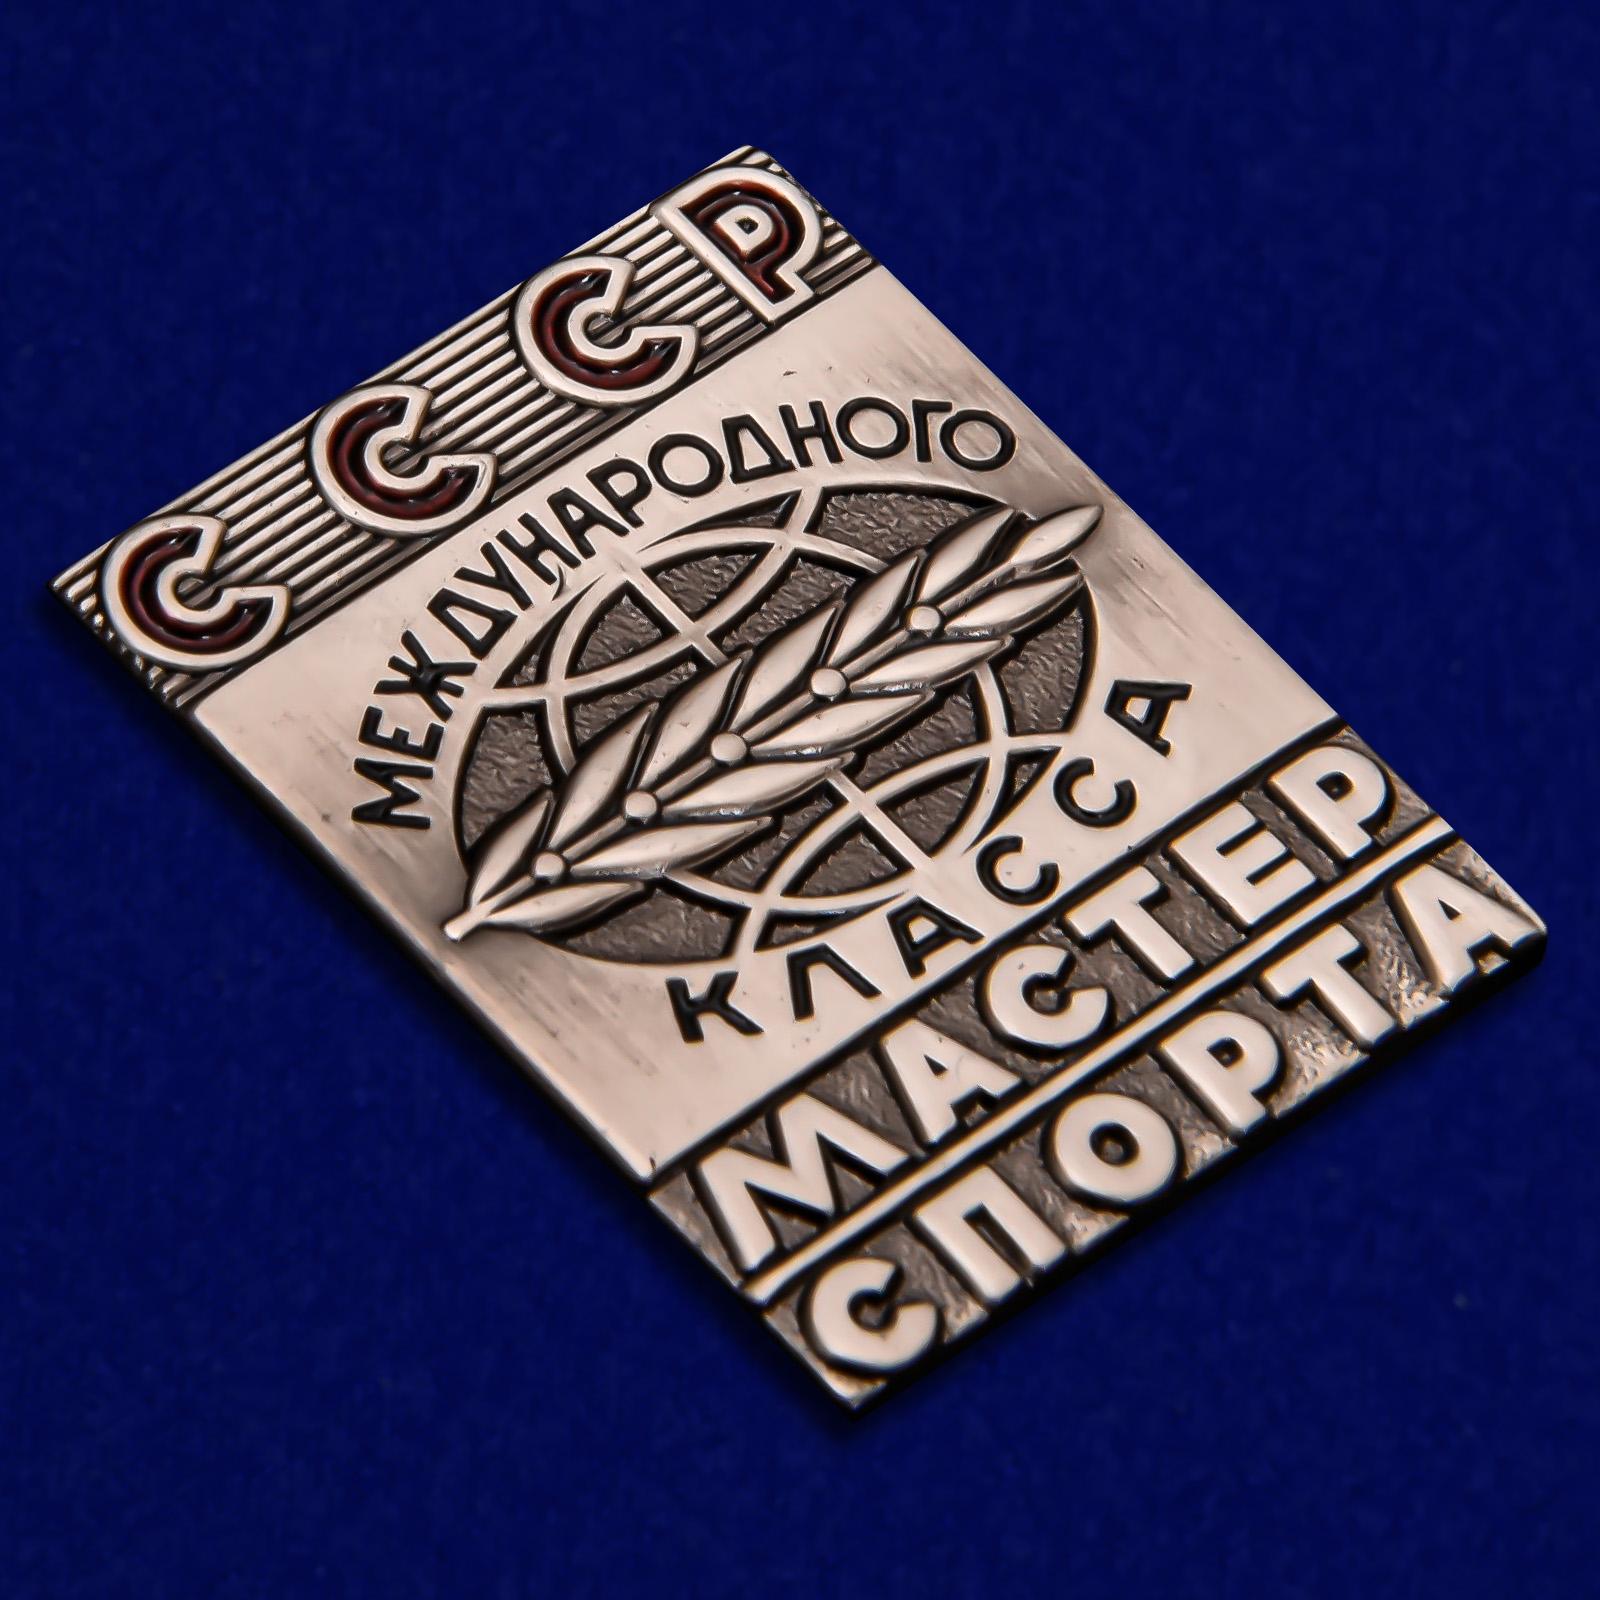 Нагрудный знак Мастер спорта СССР Международного класса - общий вид